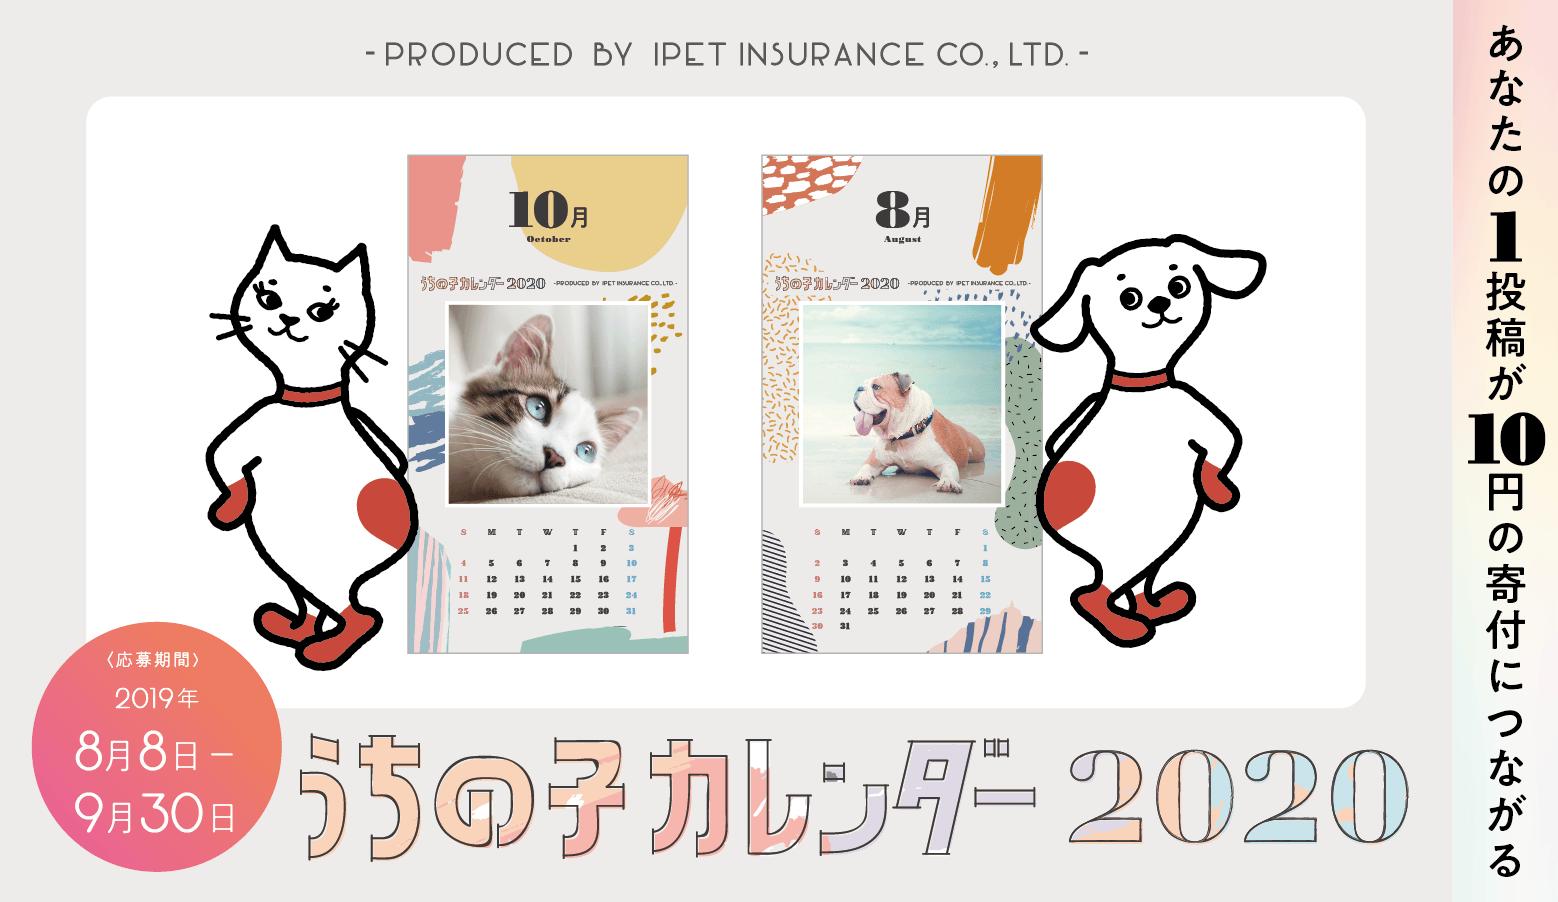 第5回 アイペット「うちの子カレンダー2020」投稿キャンペーン開始!~ 今年は、写真投稿が、動物福祉活動への寄付へつながる。 ~